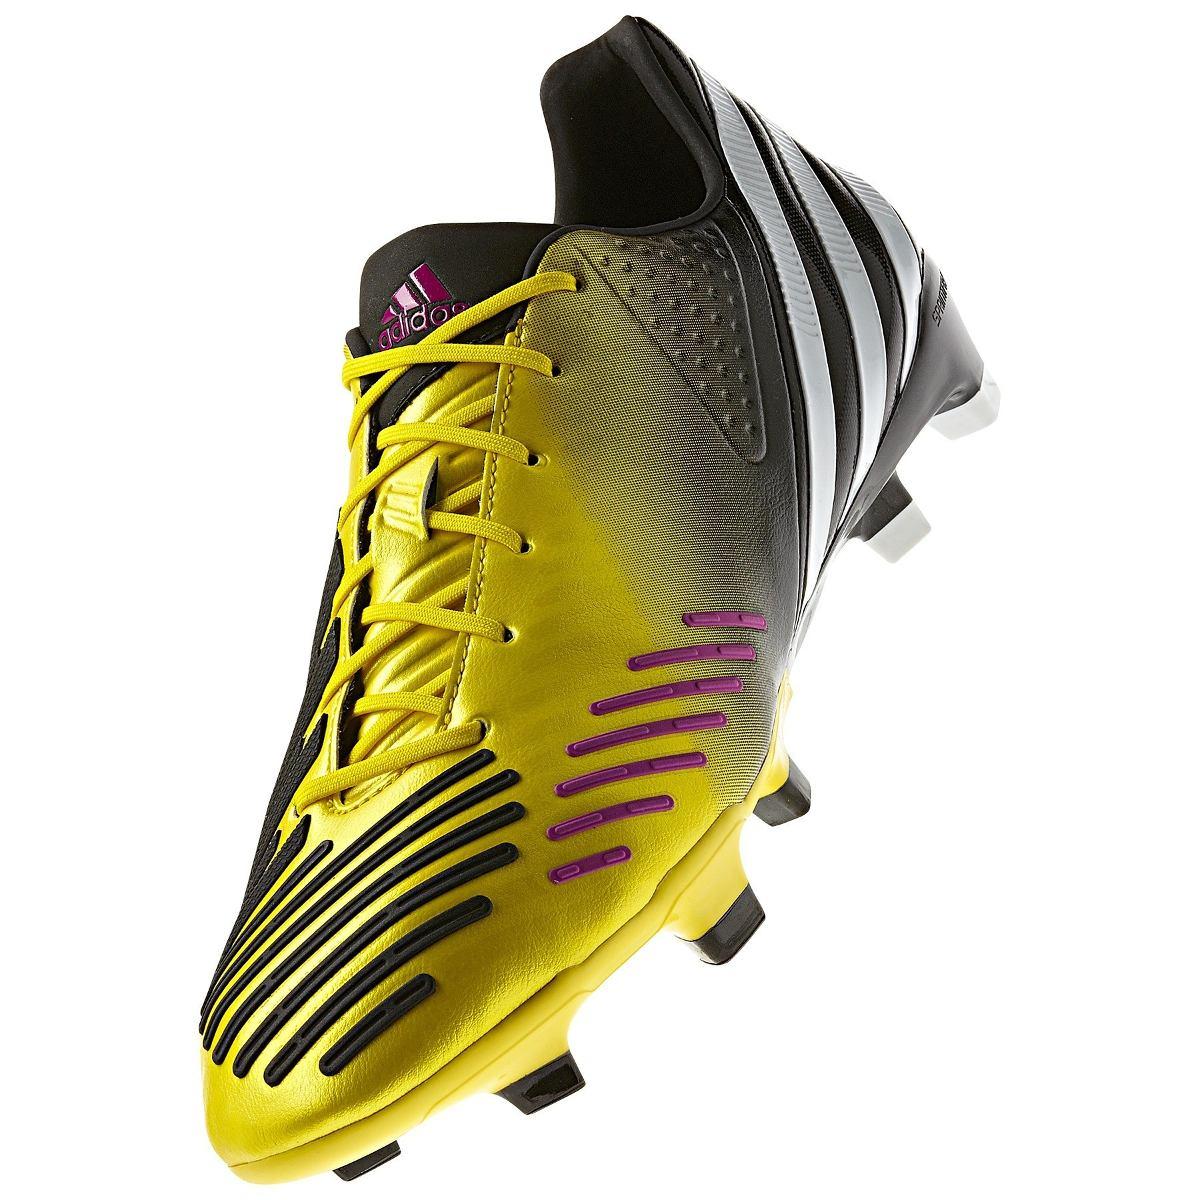 ... coupon code for chuteira adidas predator lethal zone fg profissional  1magnus. carregando zoom. fe89c 6bda4216aff60